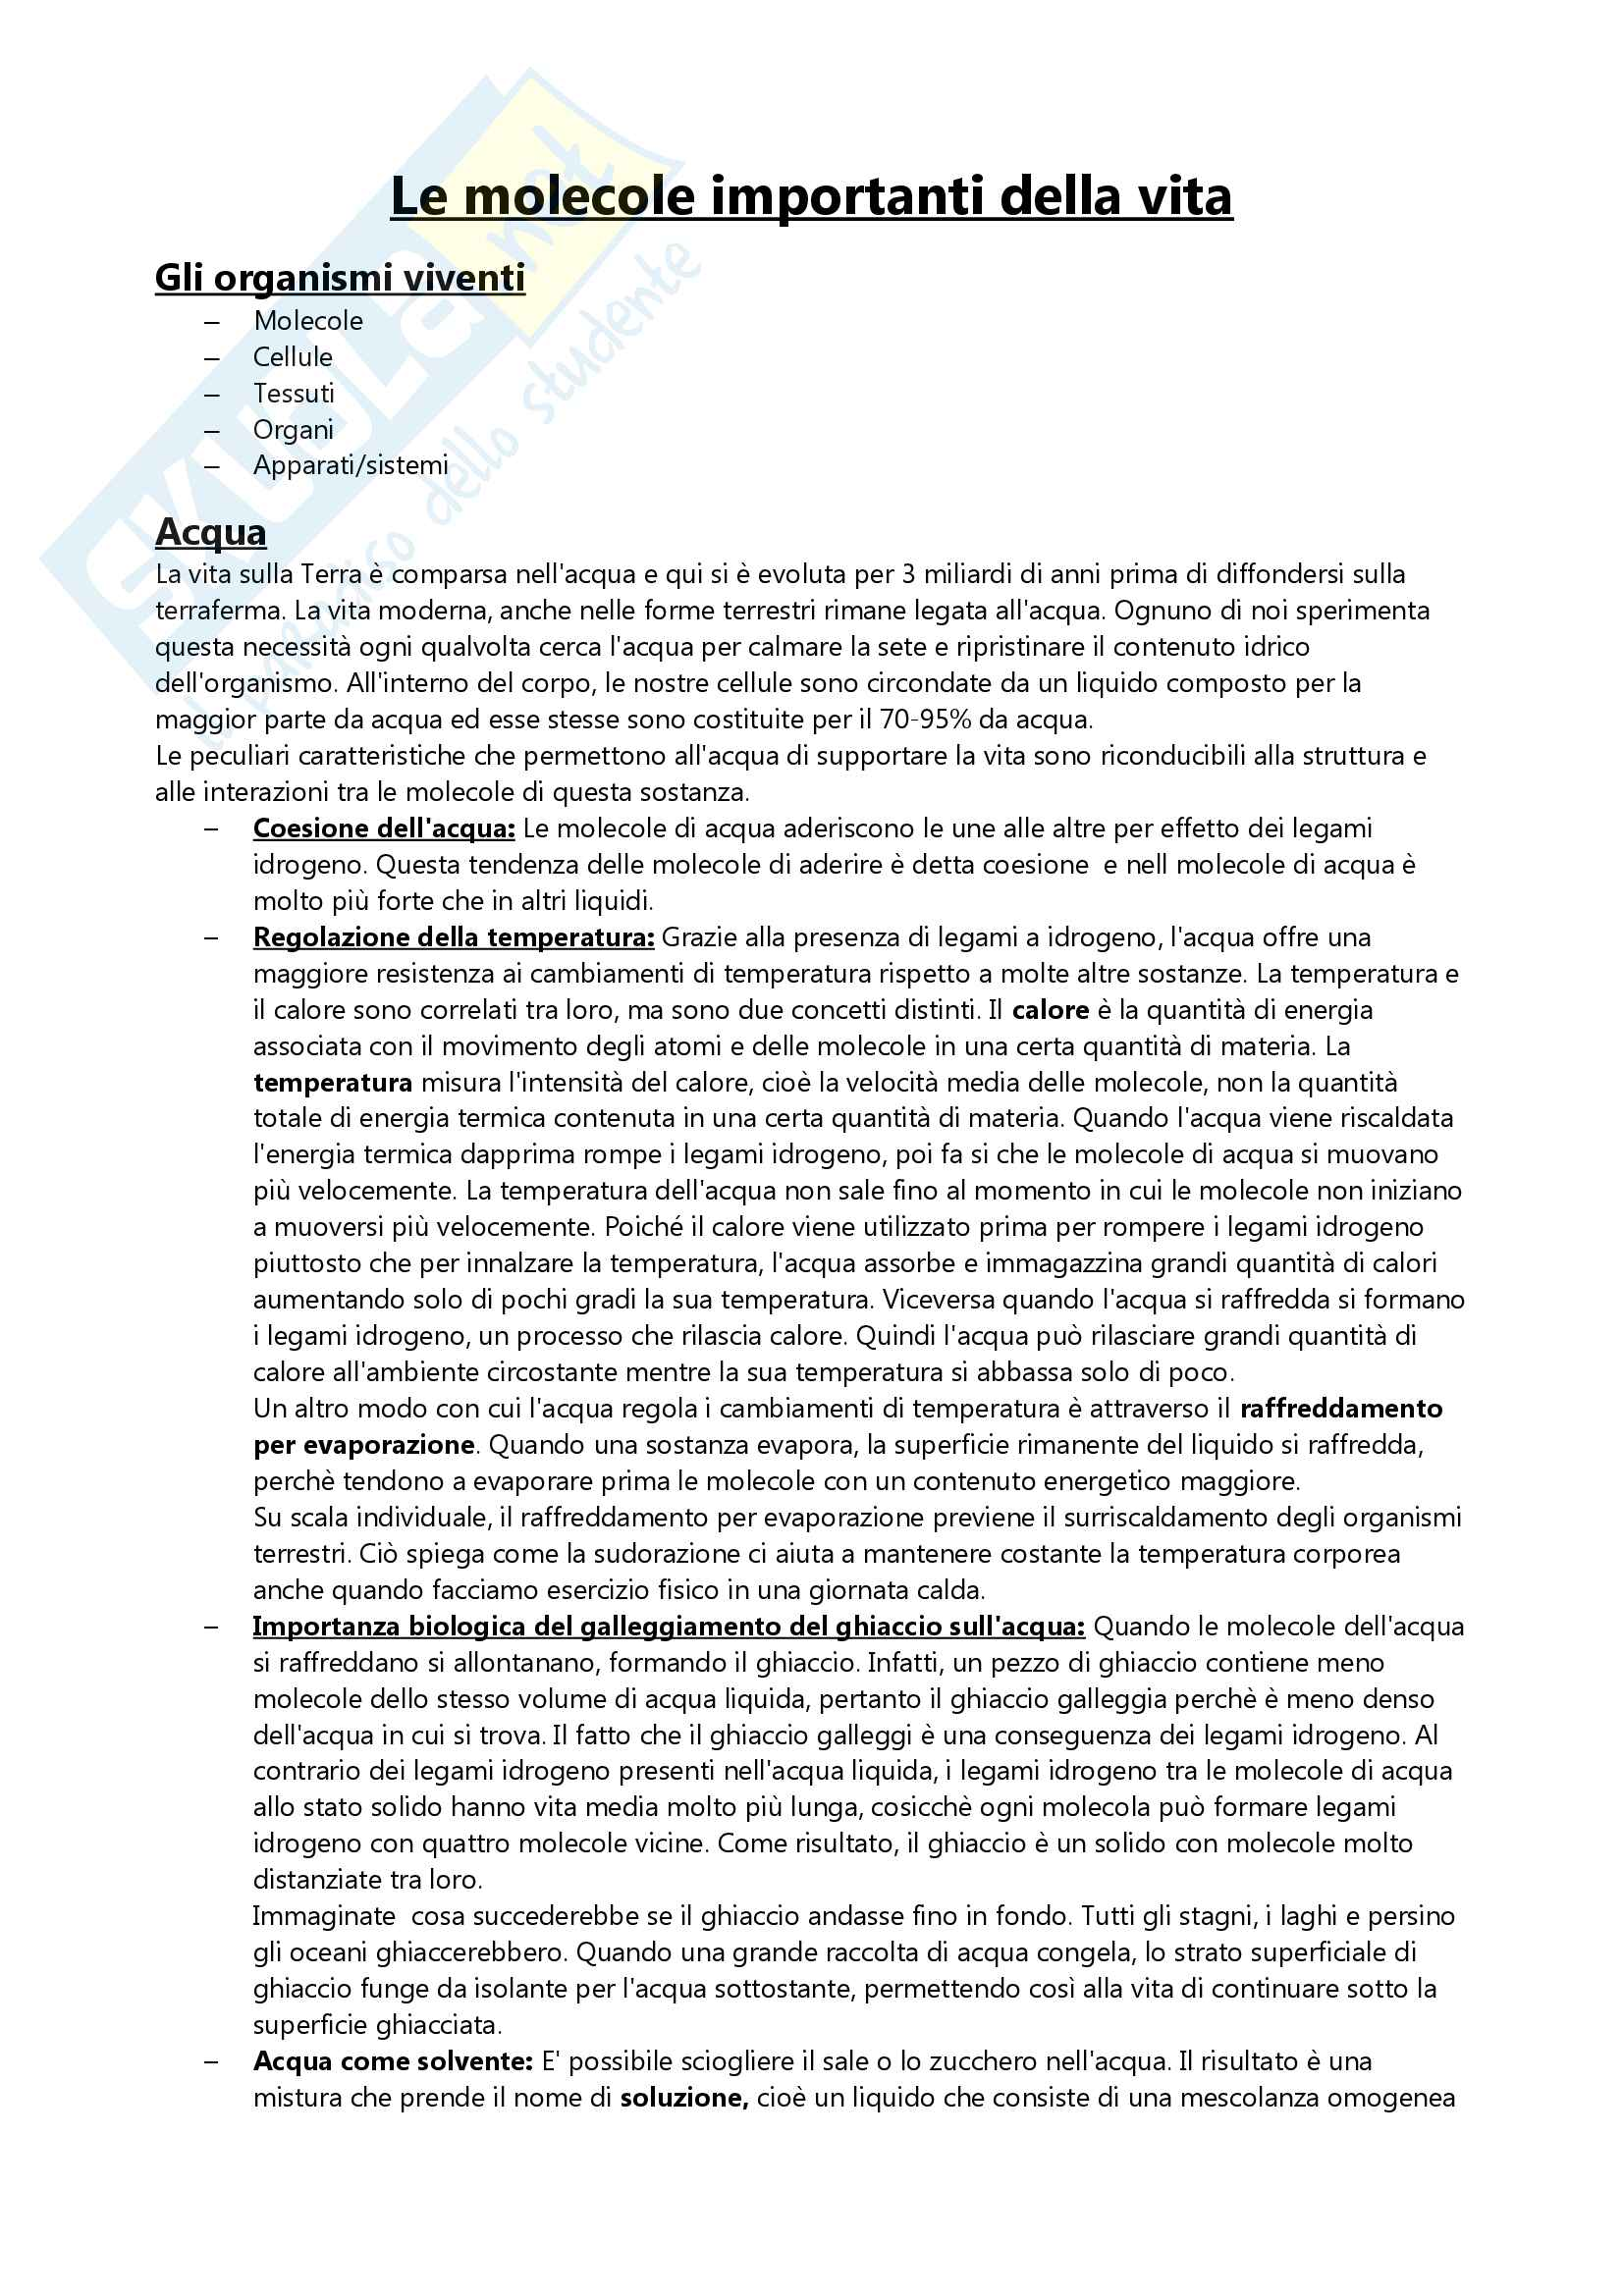 Appunti per l'esame di Fondamenti di Biologia